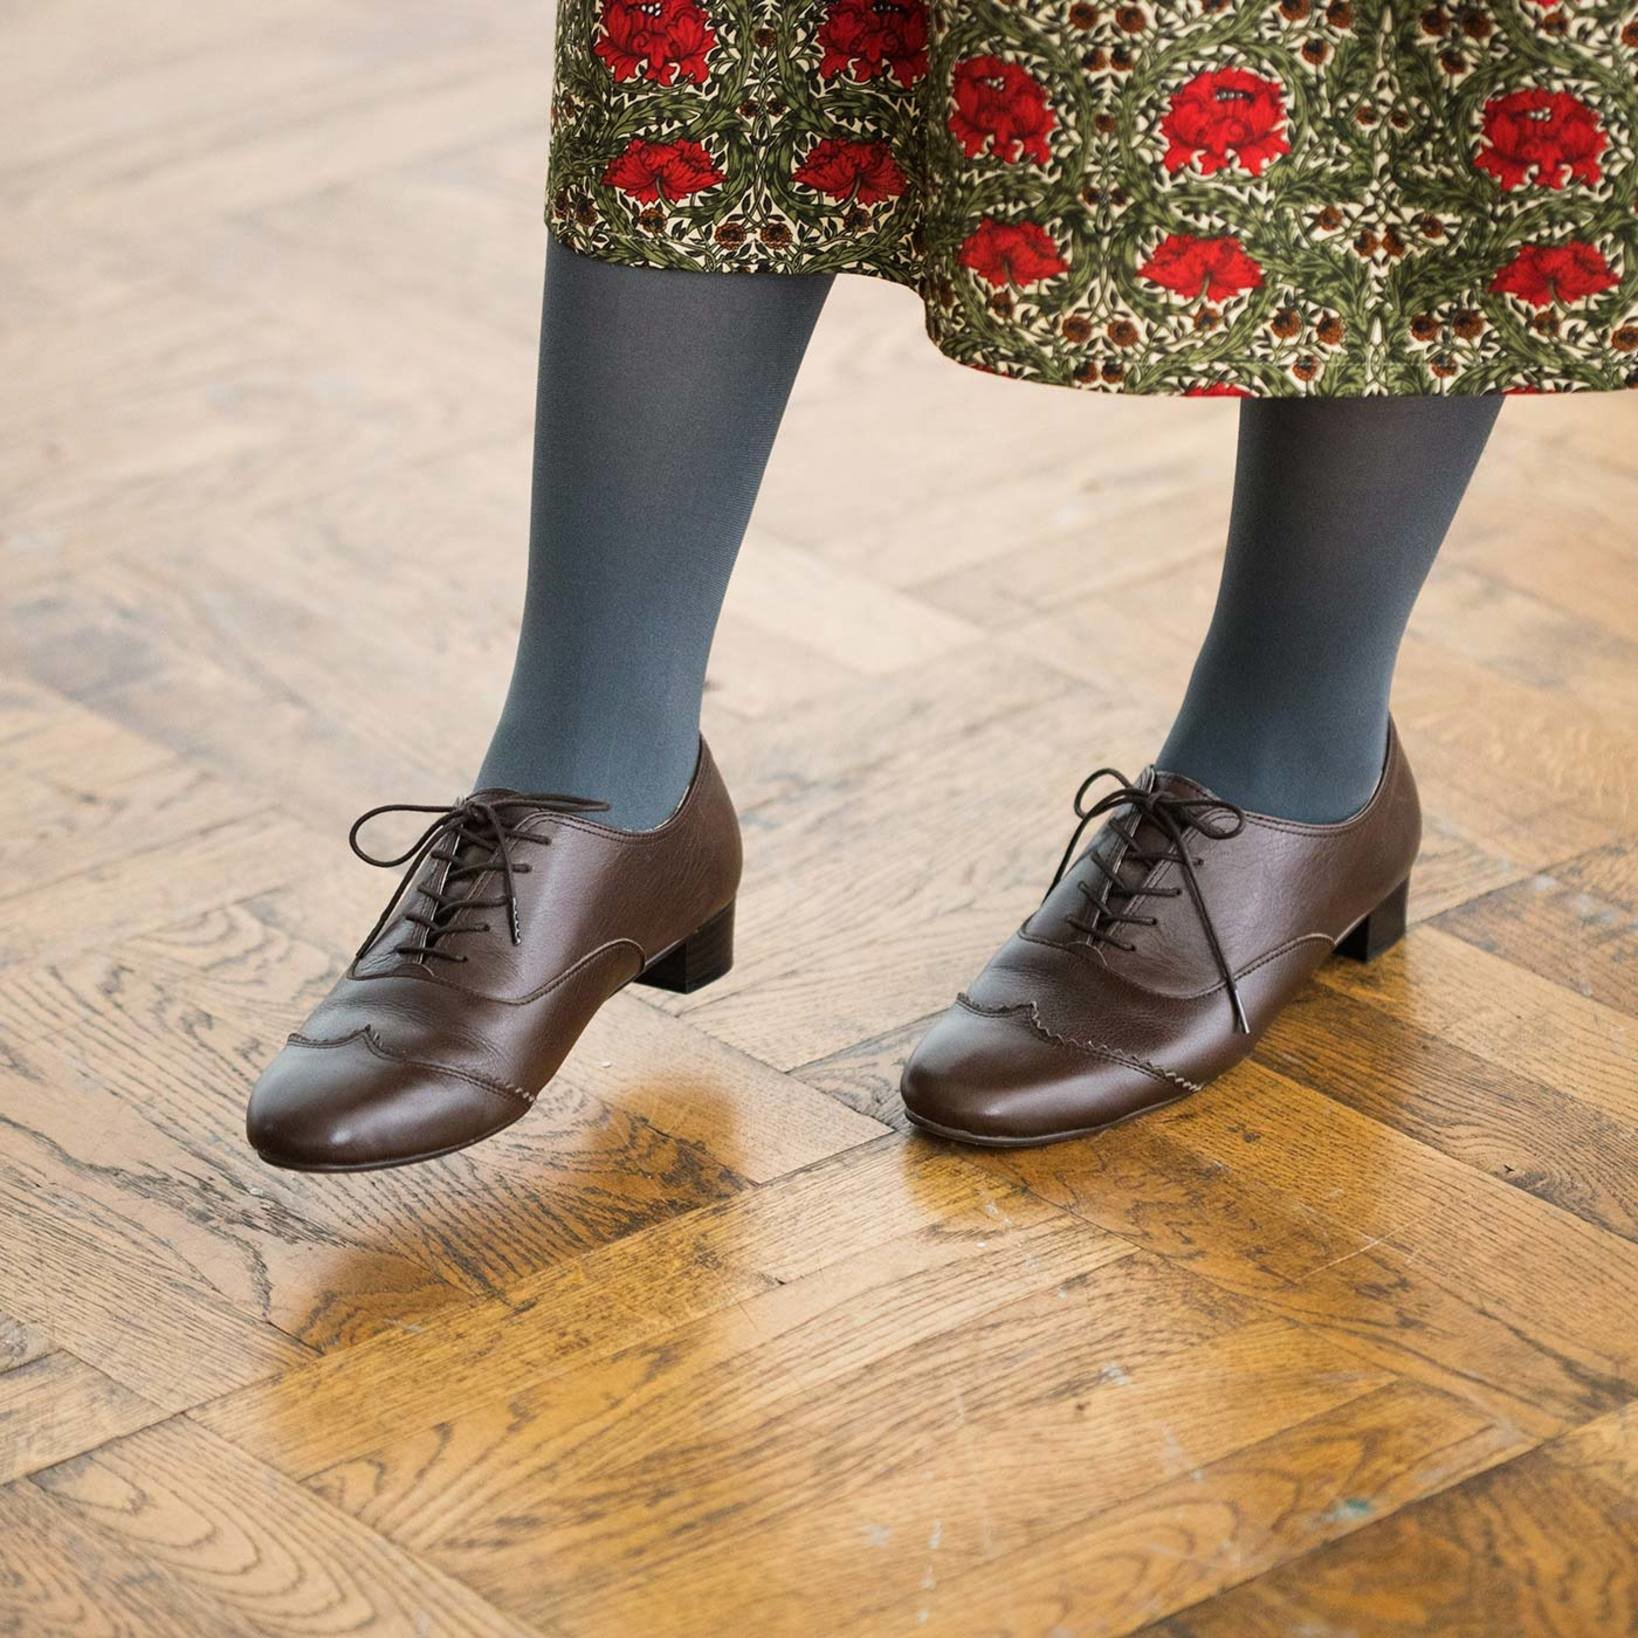 細身フォルムとほどよいヒール高で、スカートとの相性は抜群。パンツと合わせてマニッシュに履くのも素敵です。